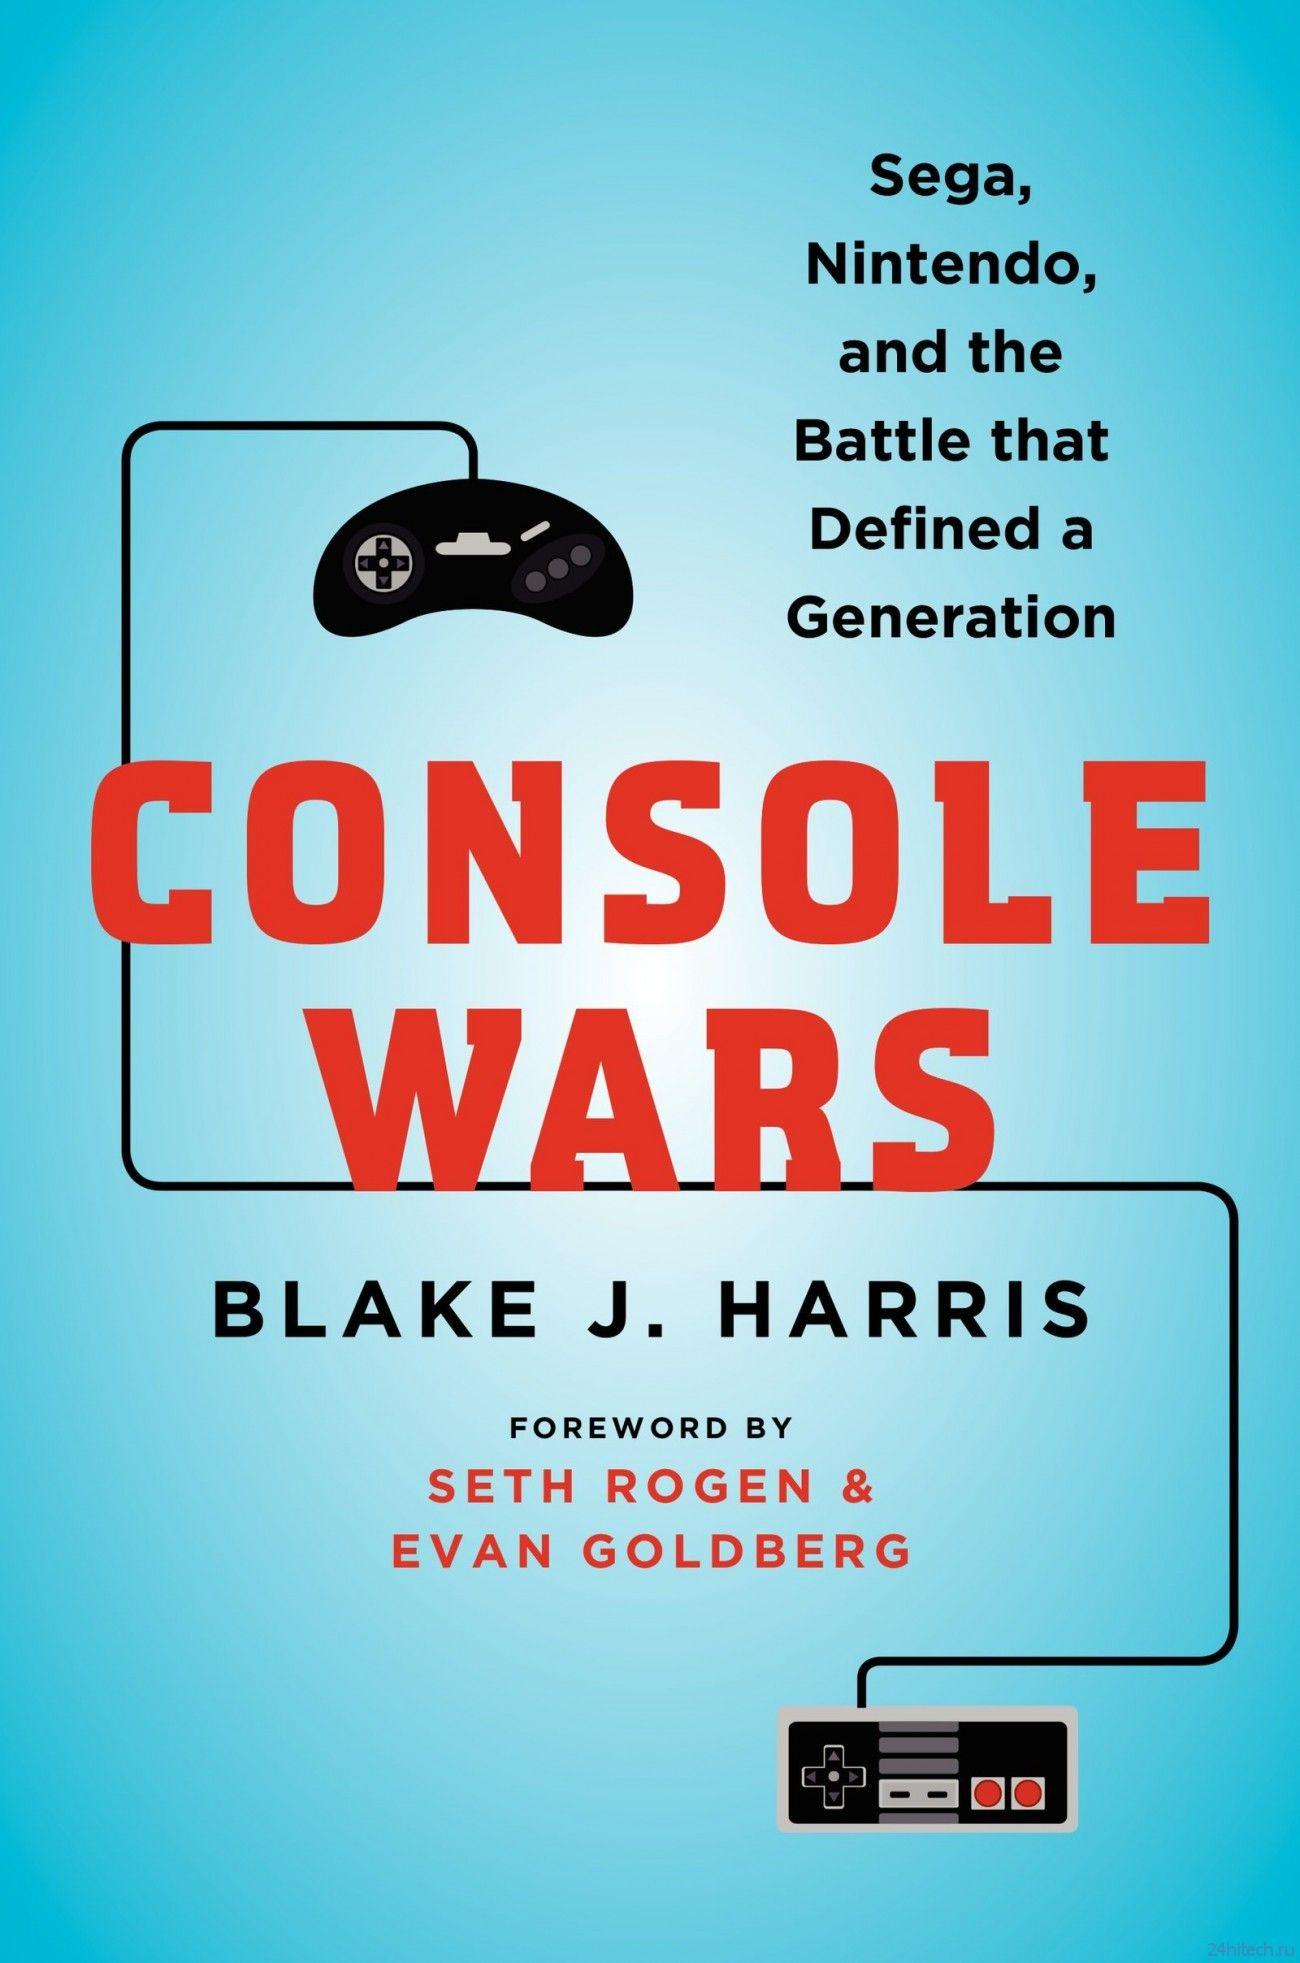 Sony Pictures снимет фильм о войне консолей